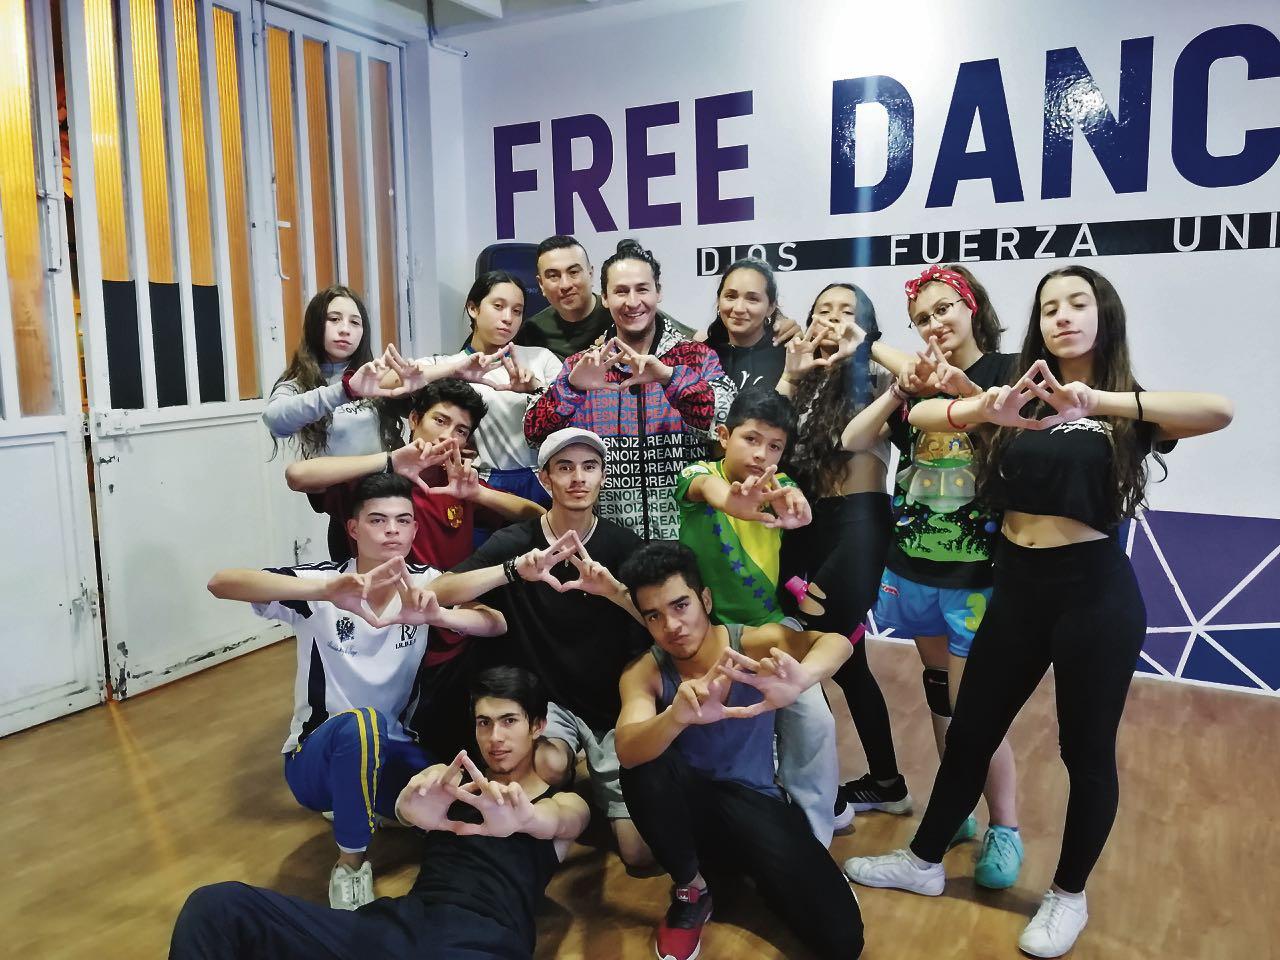 El grupo de 23 deportistas de la Academia Free Dance de Tunja competirá en Puerto Vallarta (México).